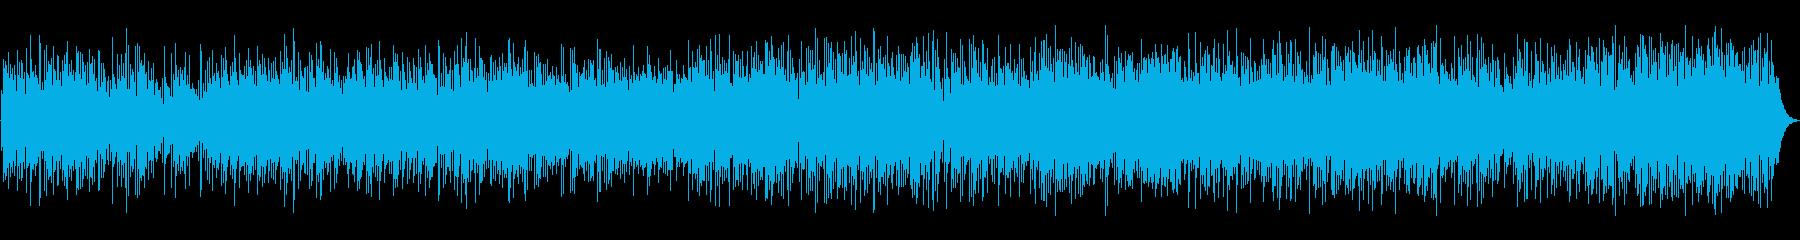 アコギとピアノの優しくシンプルなBGMの再生済みの波形